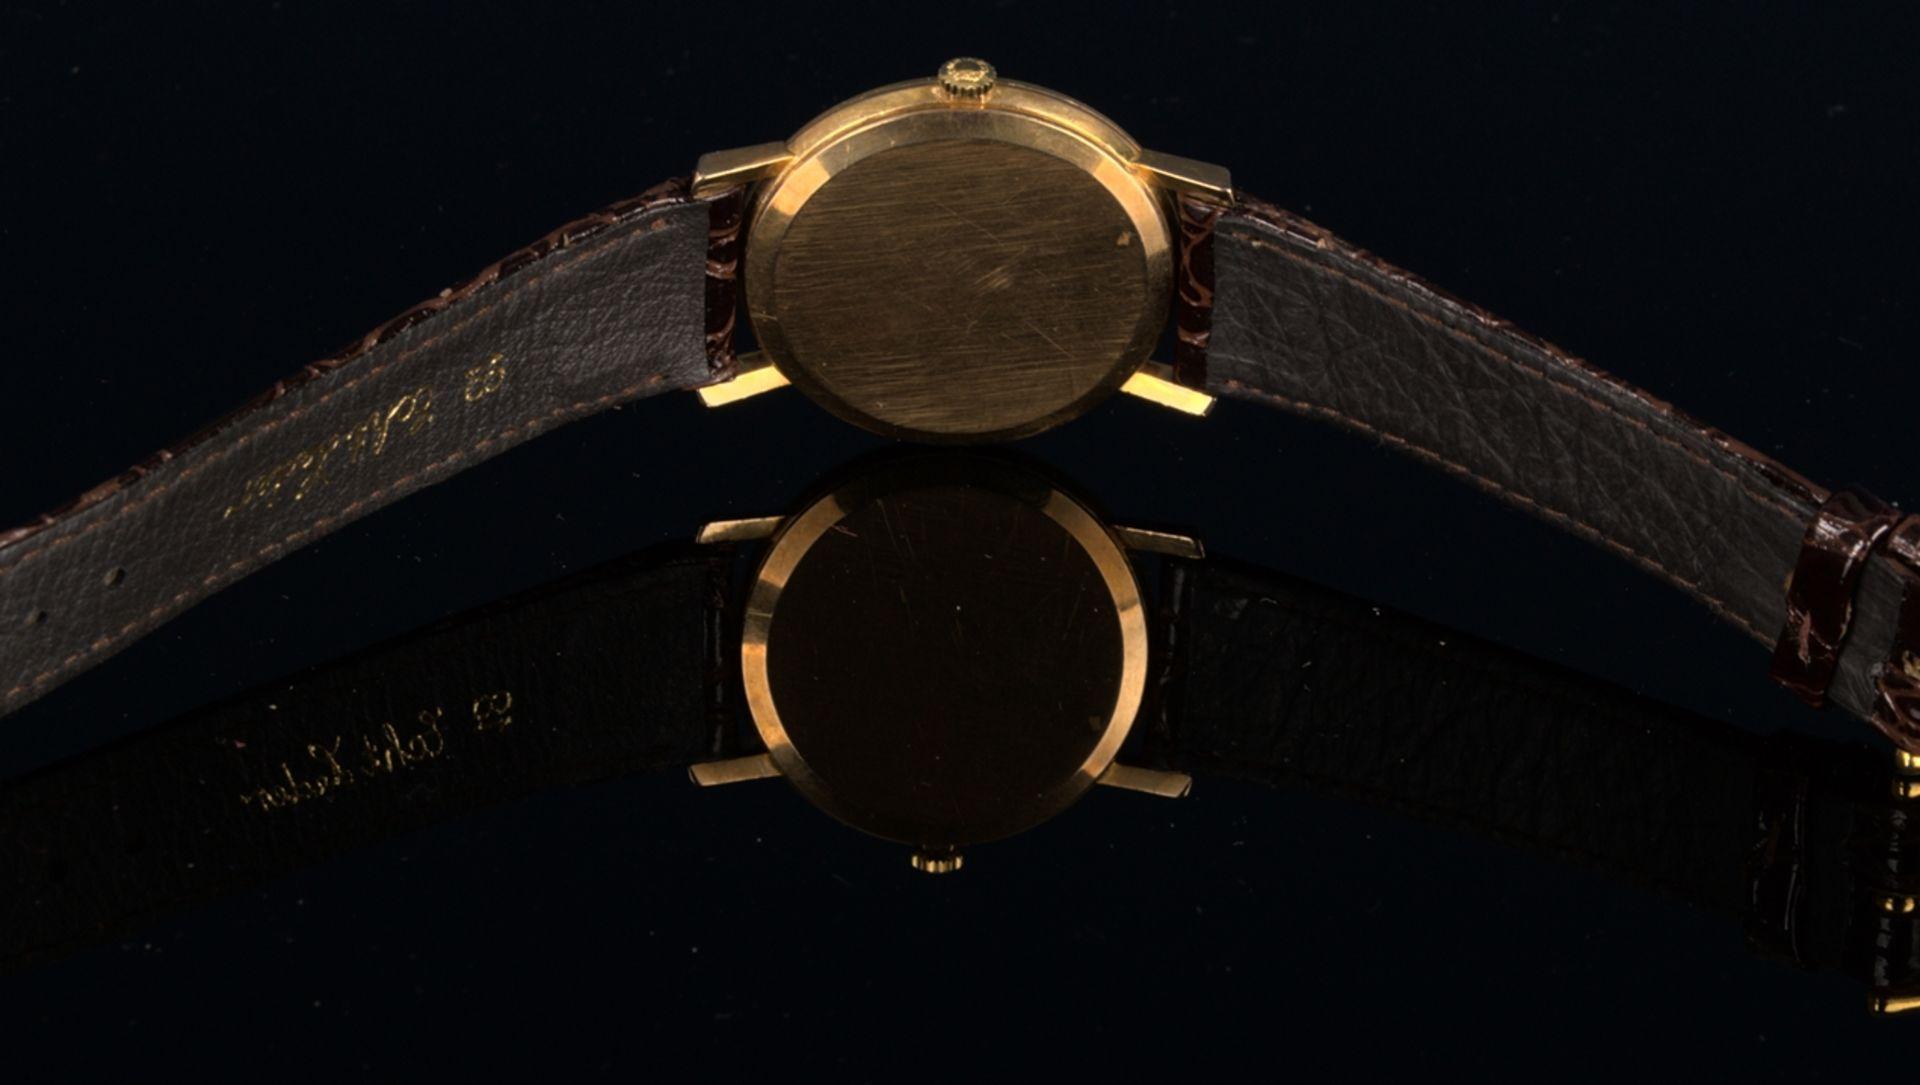 """""""LONGINES"""" - Elegante, goldene Herrenarmbanduhr der Marke Longines. Gehäuse in 18 K Gelbgold, - Bild 7 aus 12"""